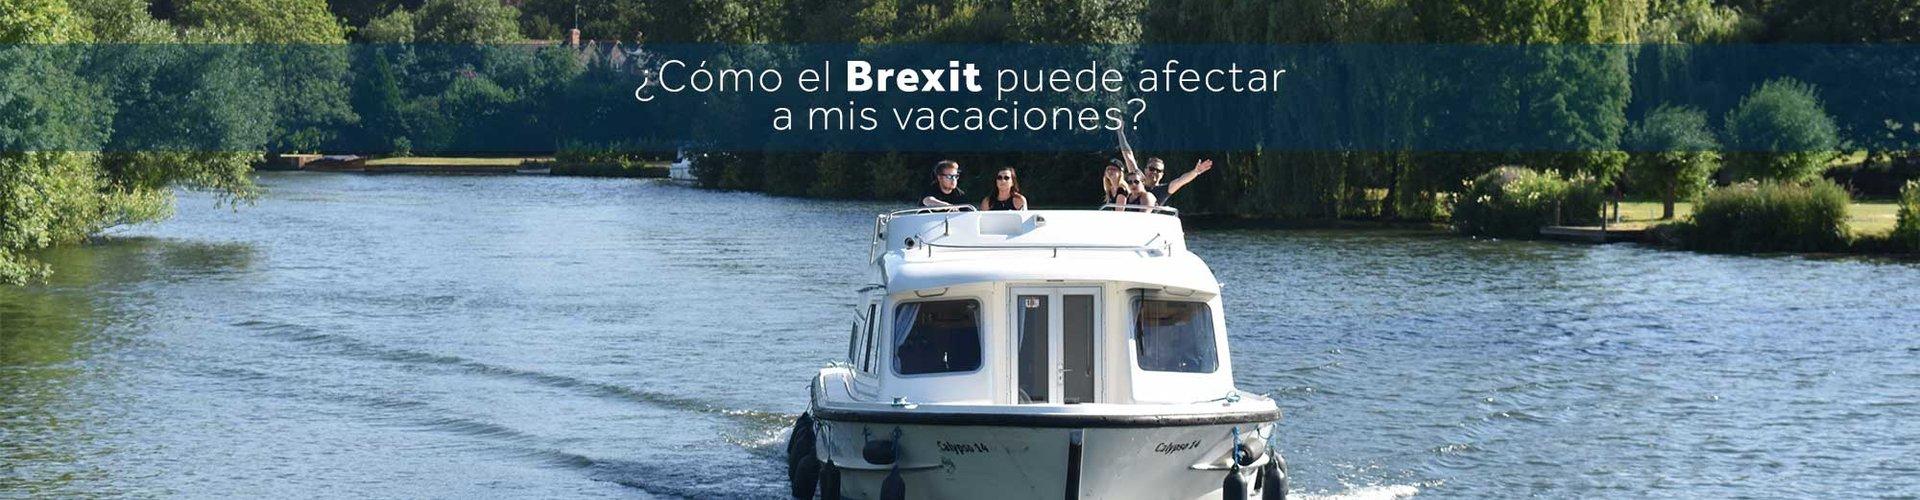 ¿Cómo el Brexit puede afectar a mis vacaciones?